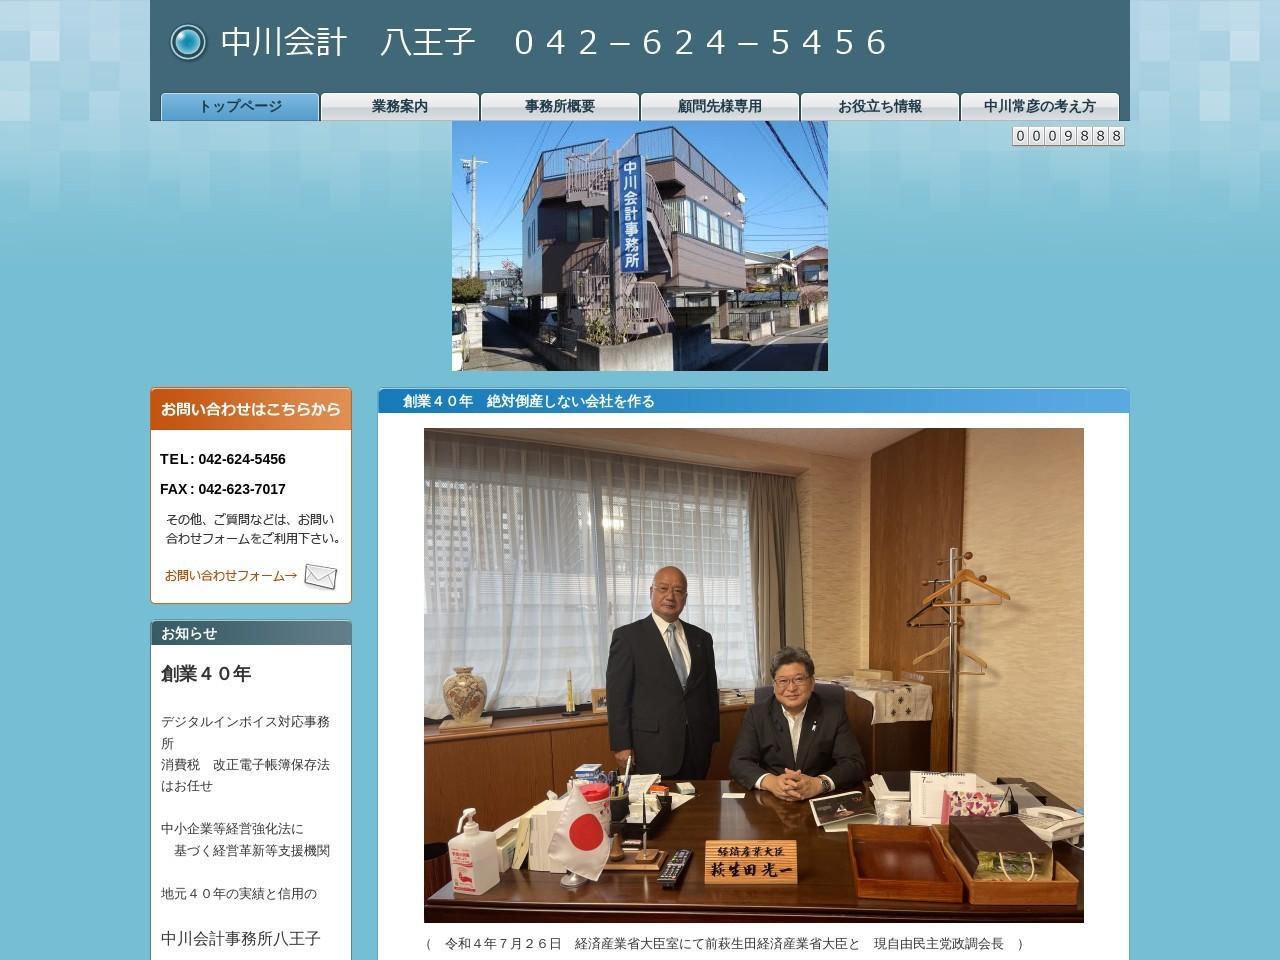 中川会計事務所